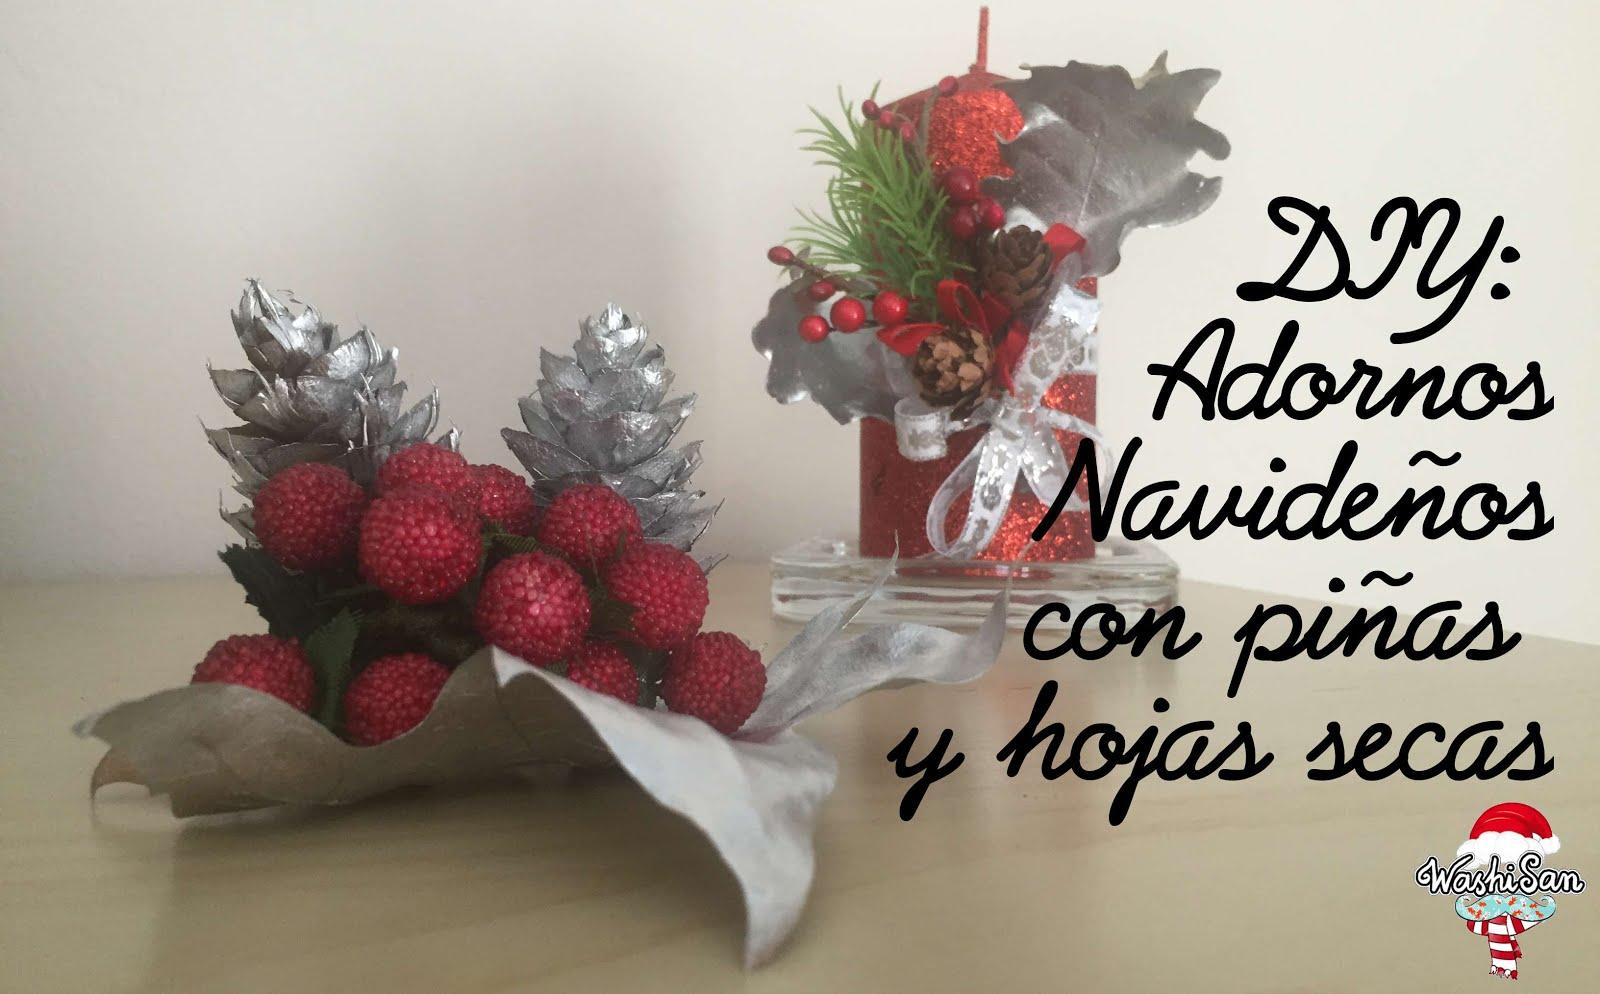 Mr washisan diy adornos de navidad con pi as y hojas secas - Adorno navideno con pinas ...